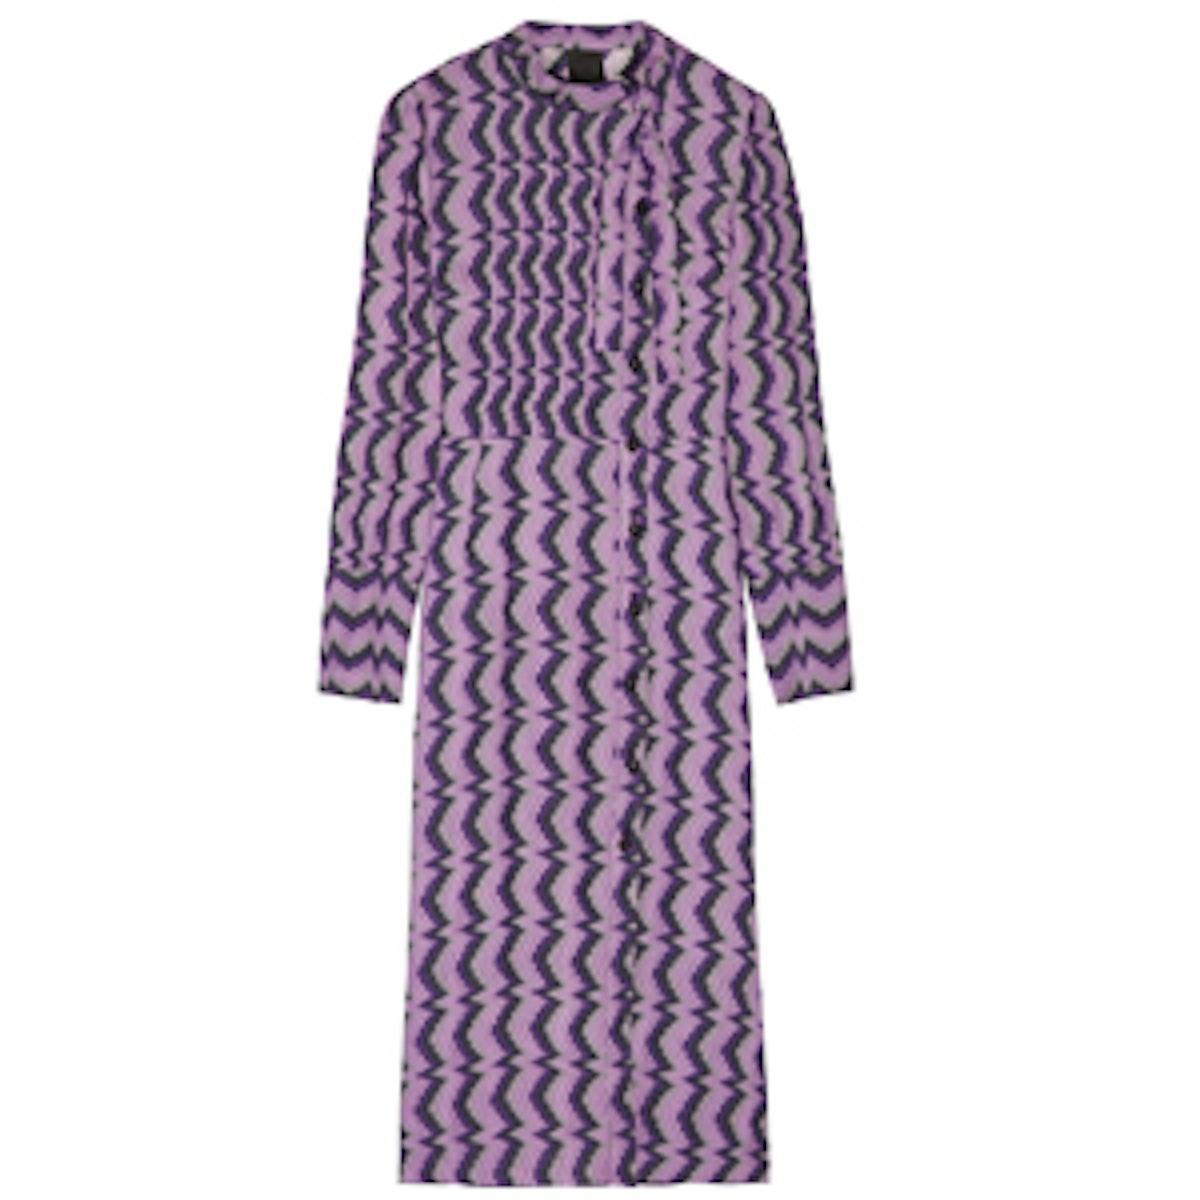 Printed Twill Midi Shirt Dress